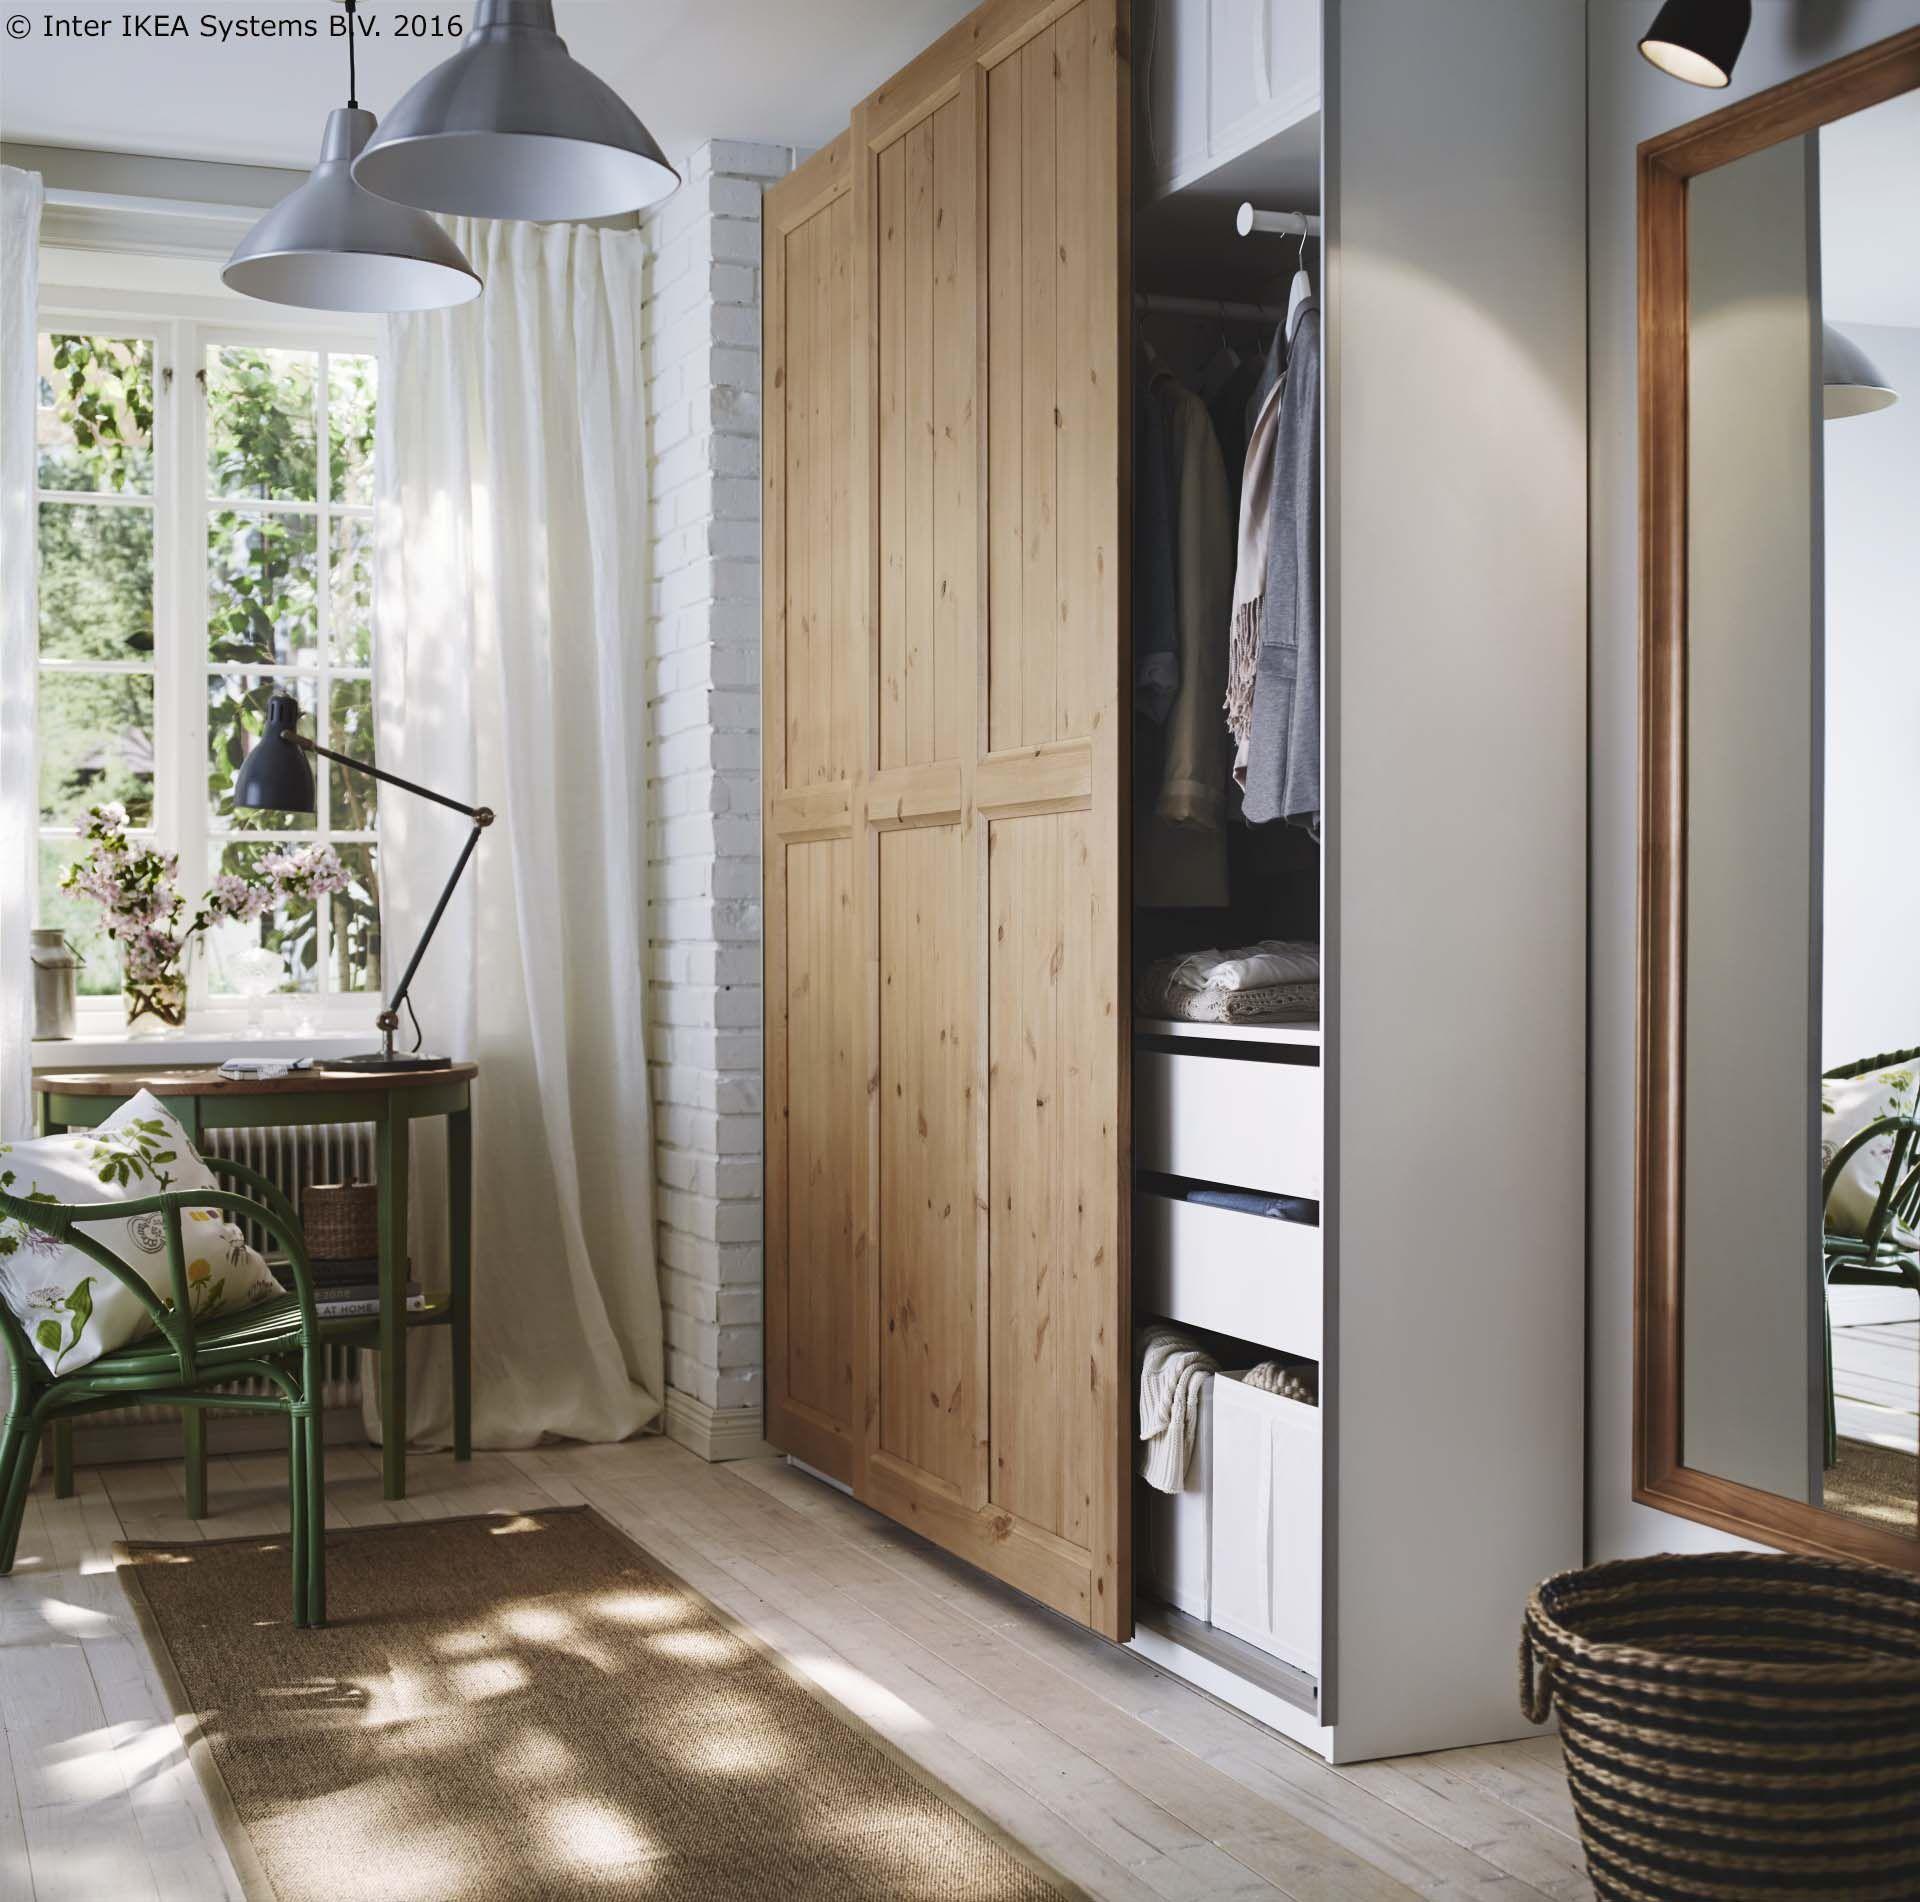 [RASPRODAJA] HURDAL klizna vrata inspirirana su skandinavskim ruralnim namještajem iz 18 i 19 Sliding Closet DoorsIkea